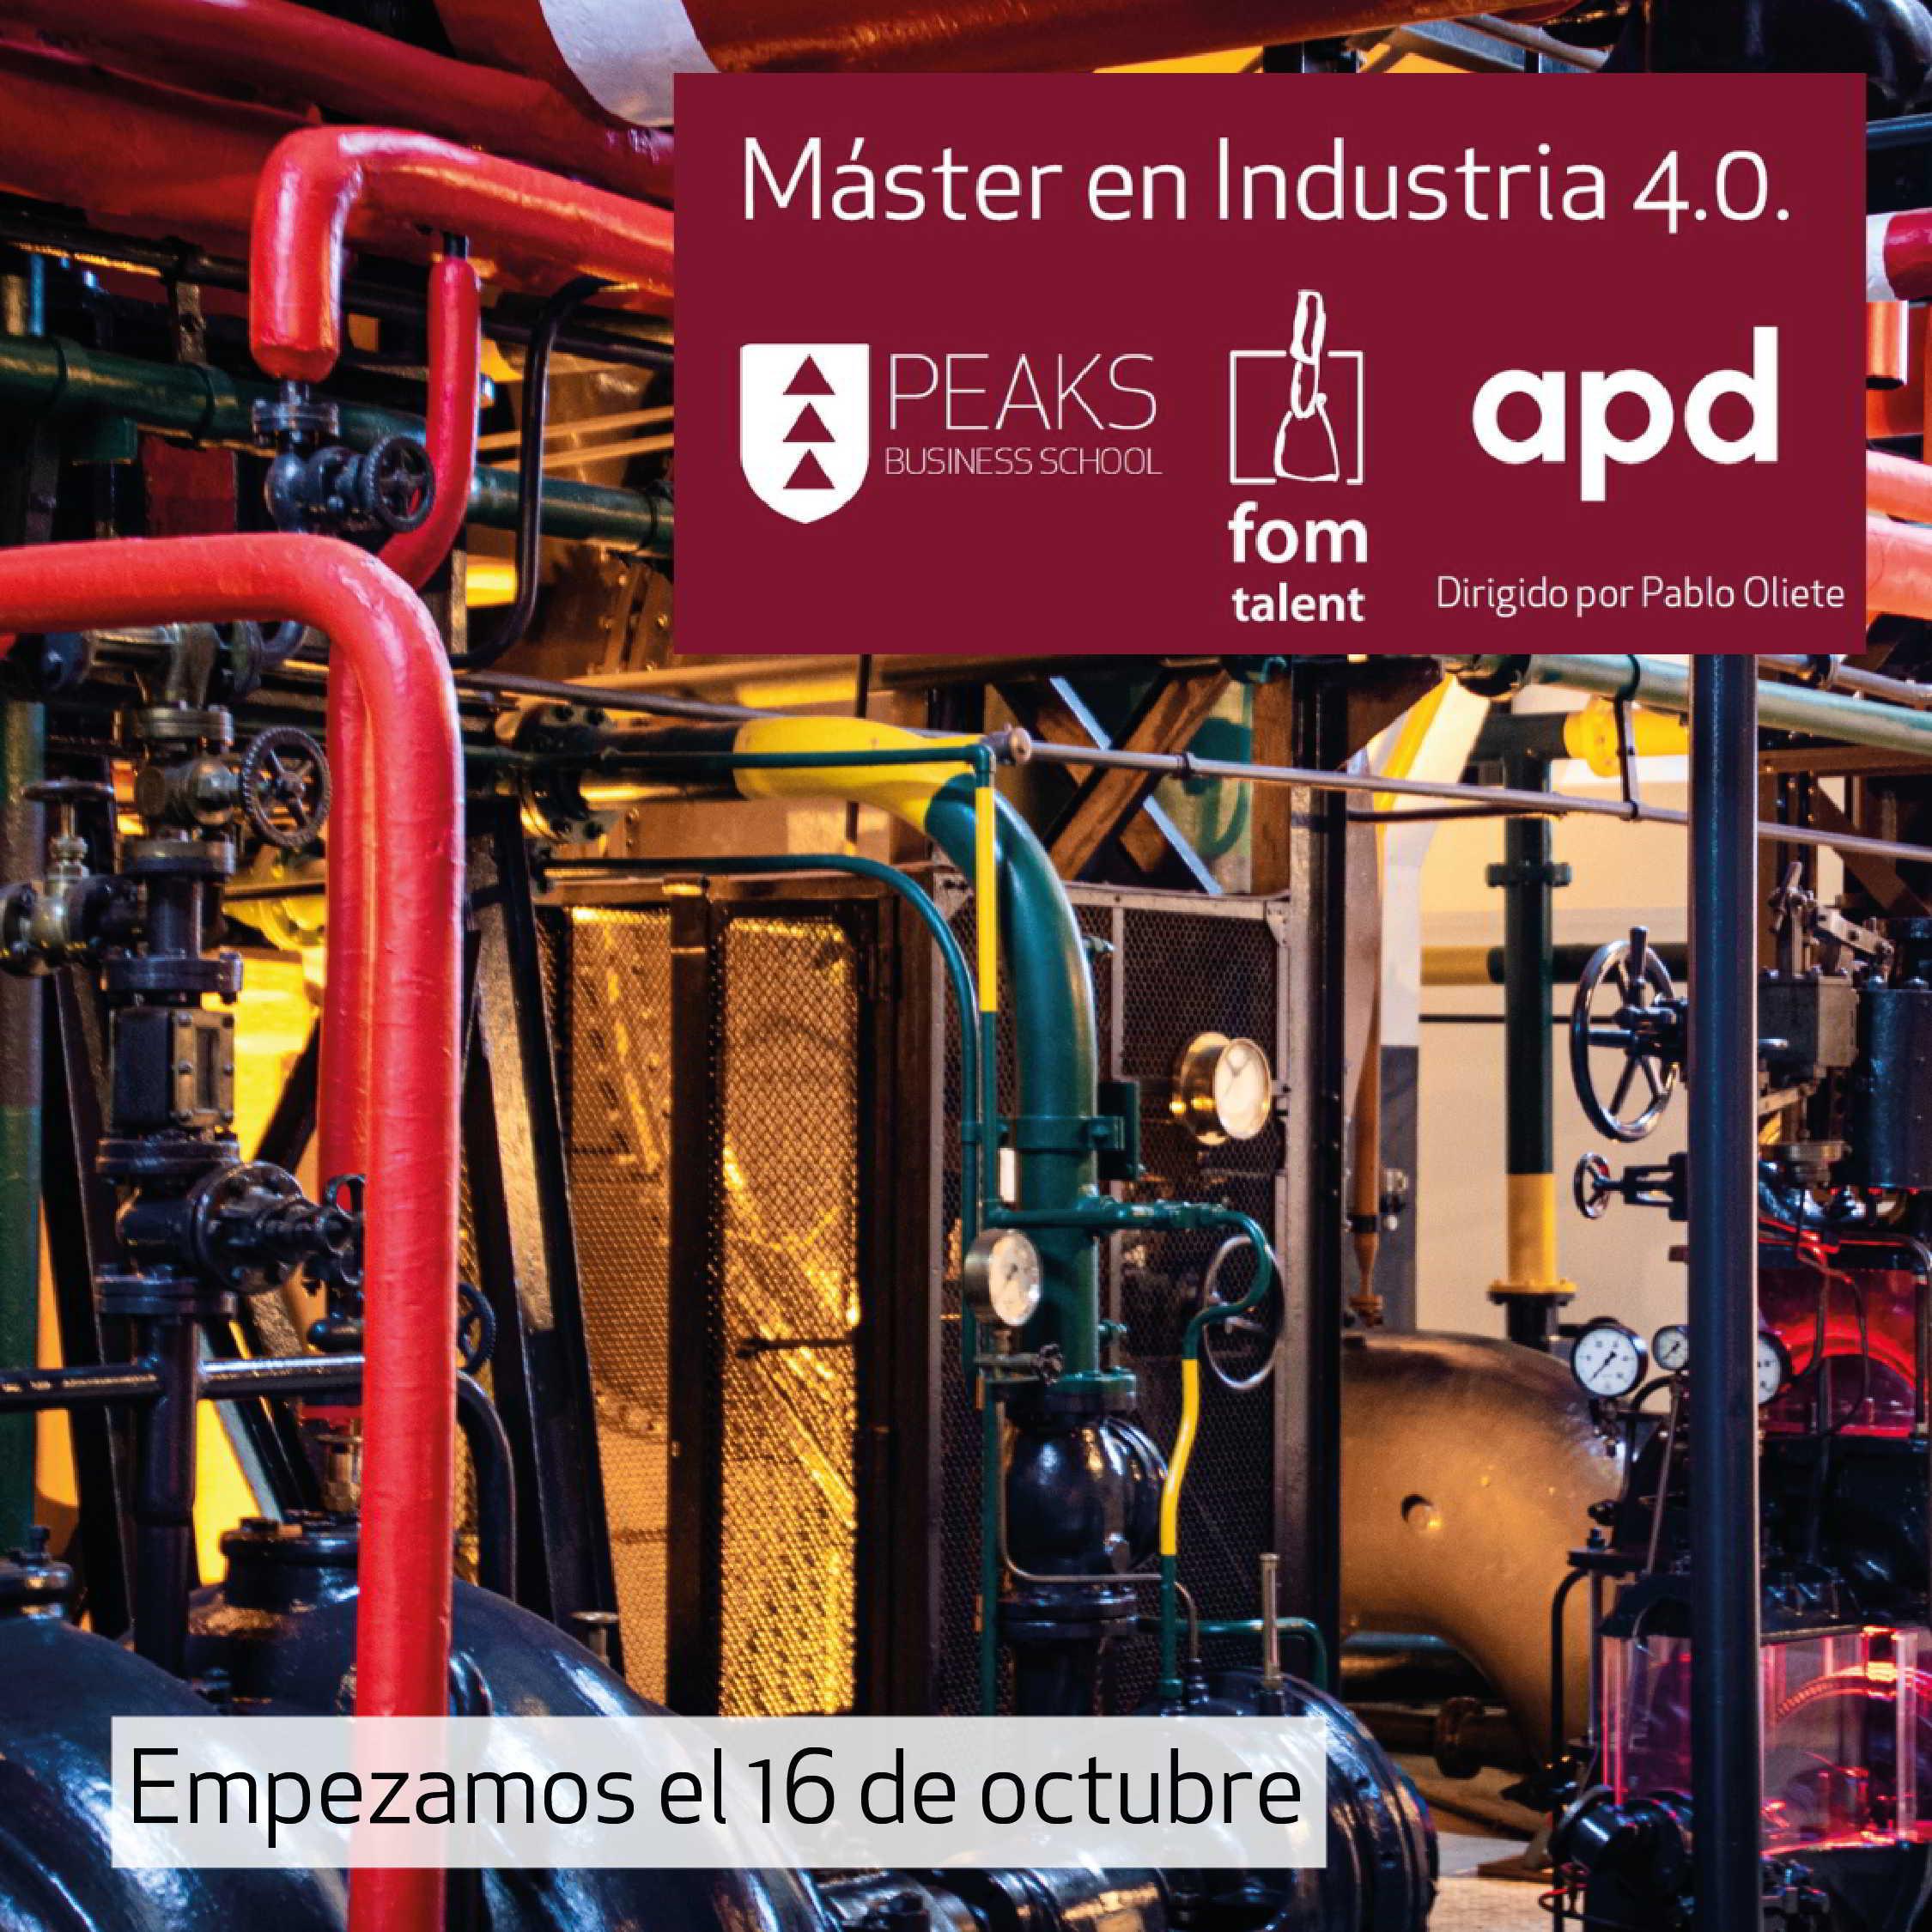 Máster en Industria 4.0 Valencia